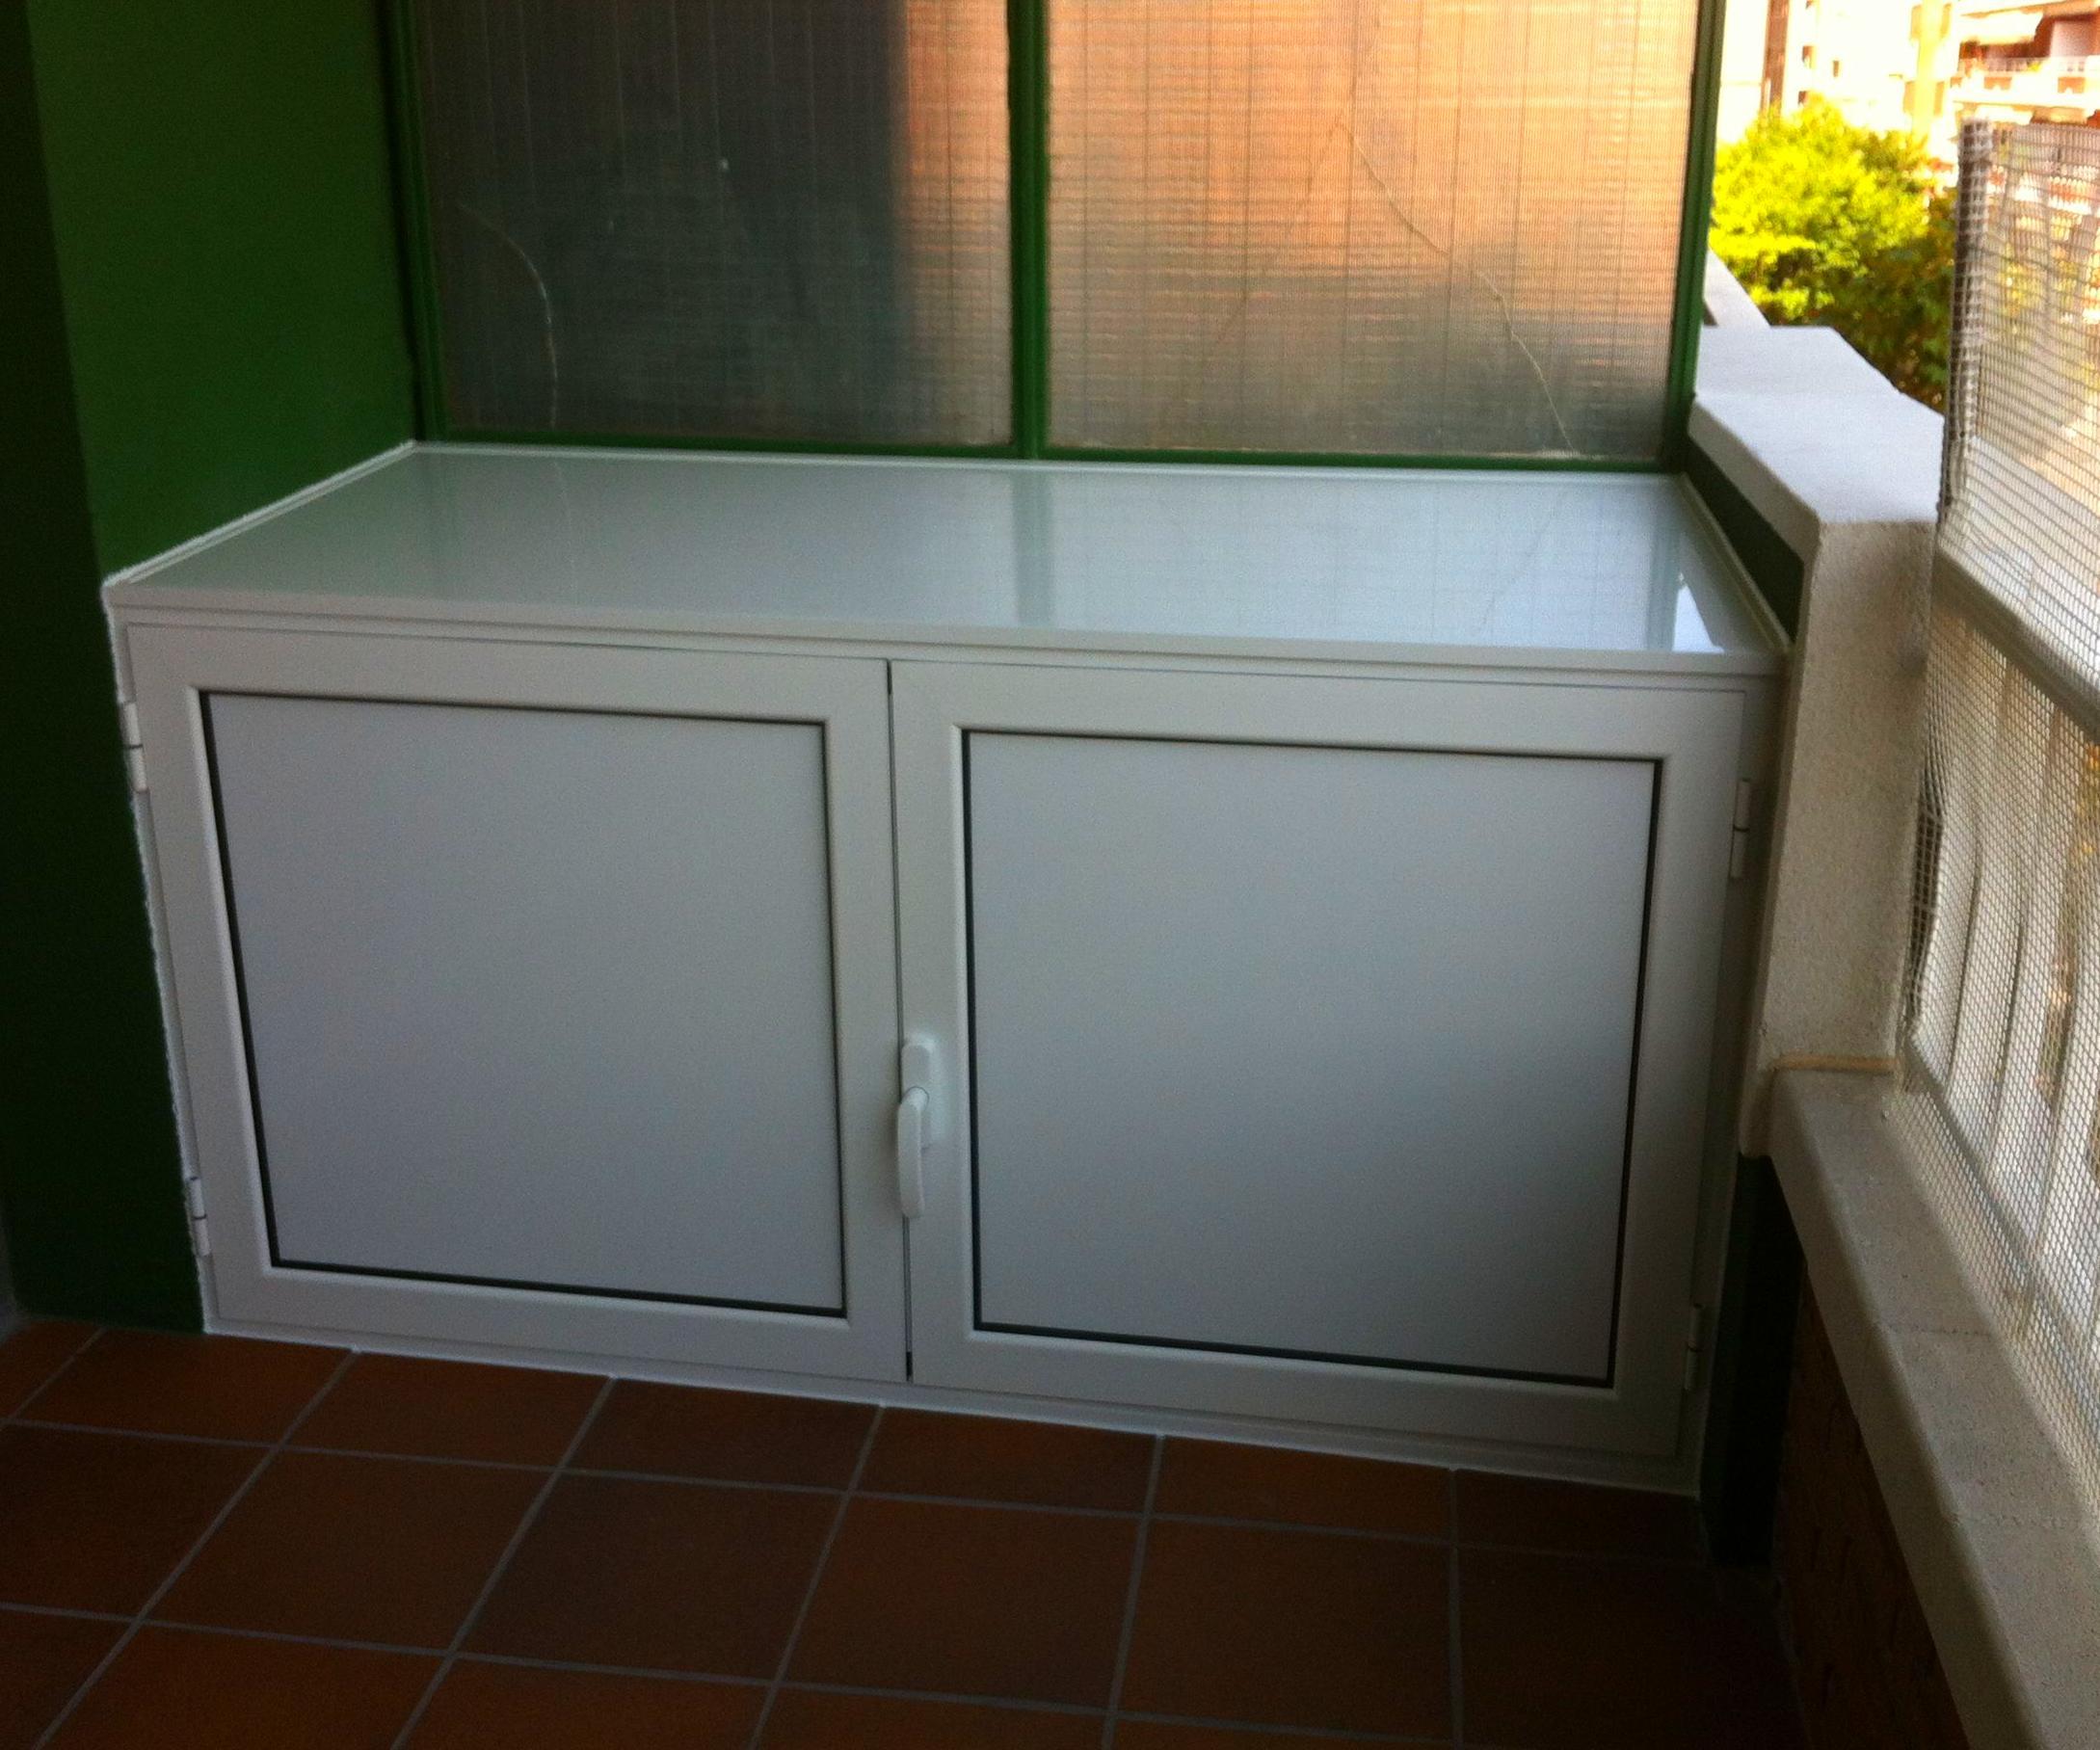 Foto 8 de Carpintera de aluminio metlica y PVC en